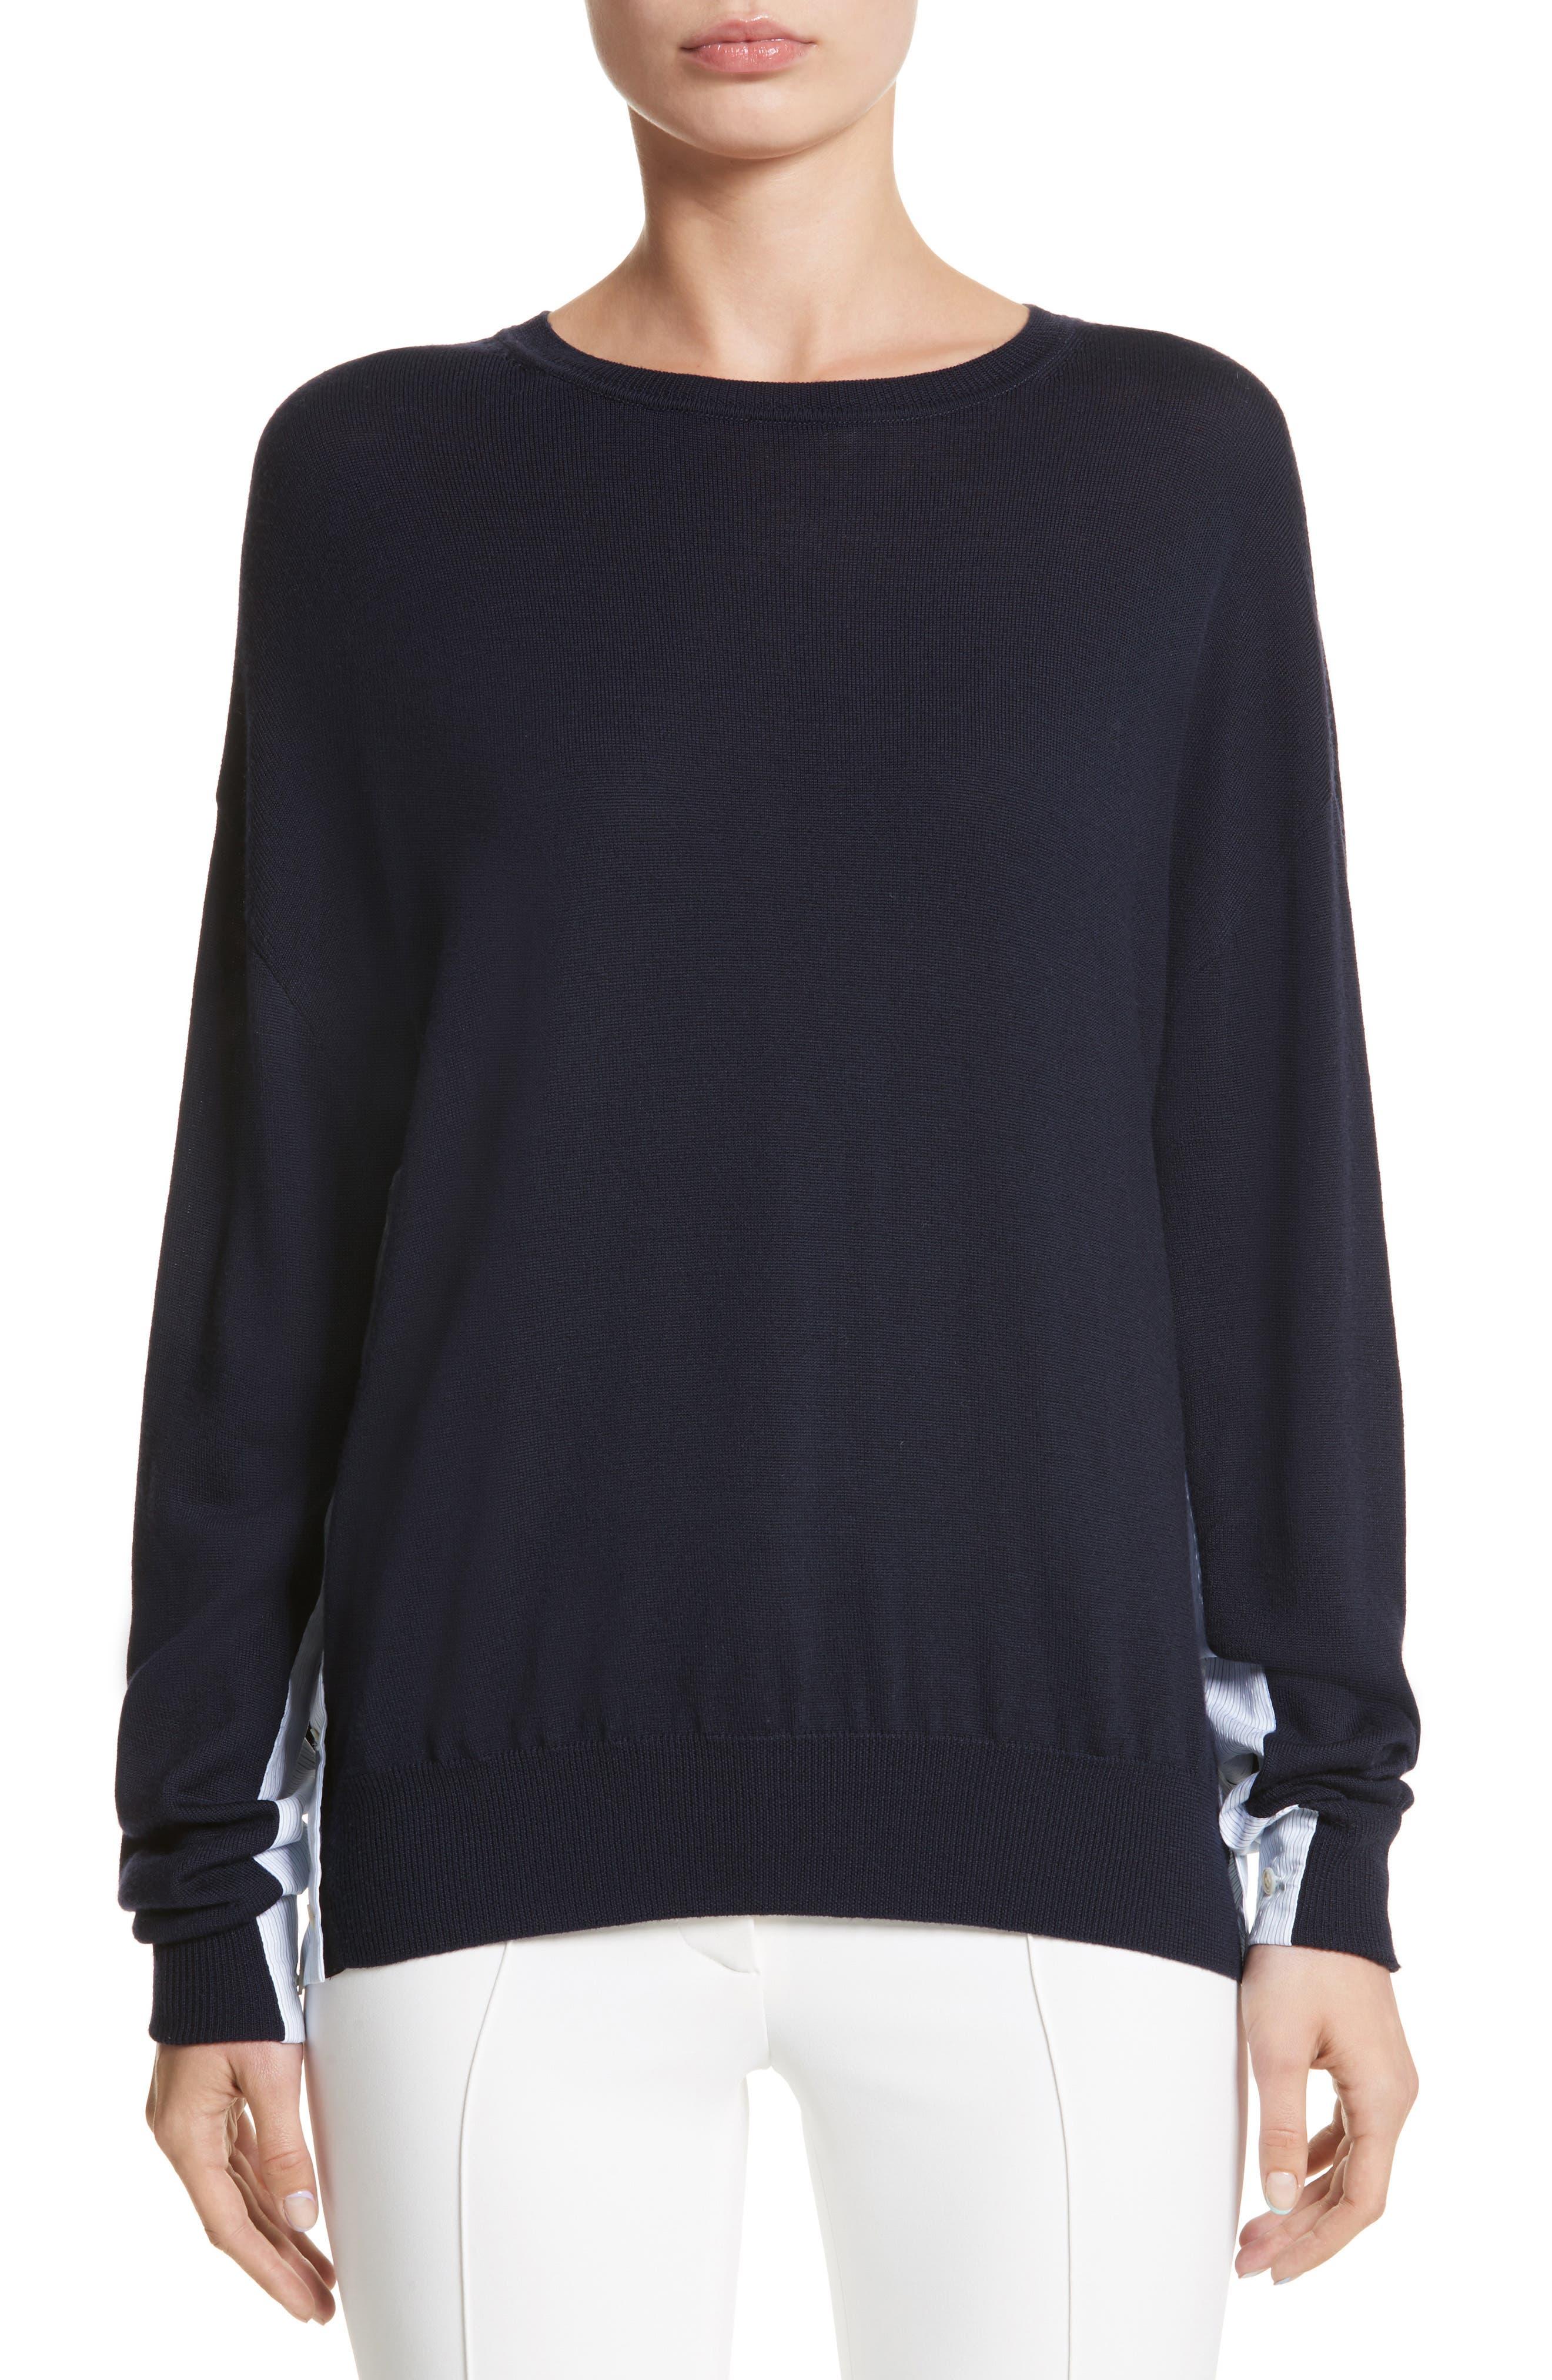 Adam Lippes Woman Merino Wool Top Black Size L Adam Lippes X2Wmt